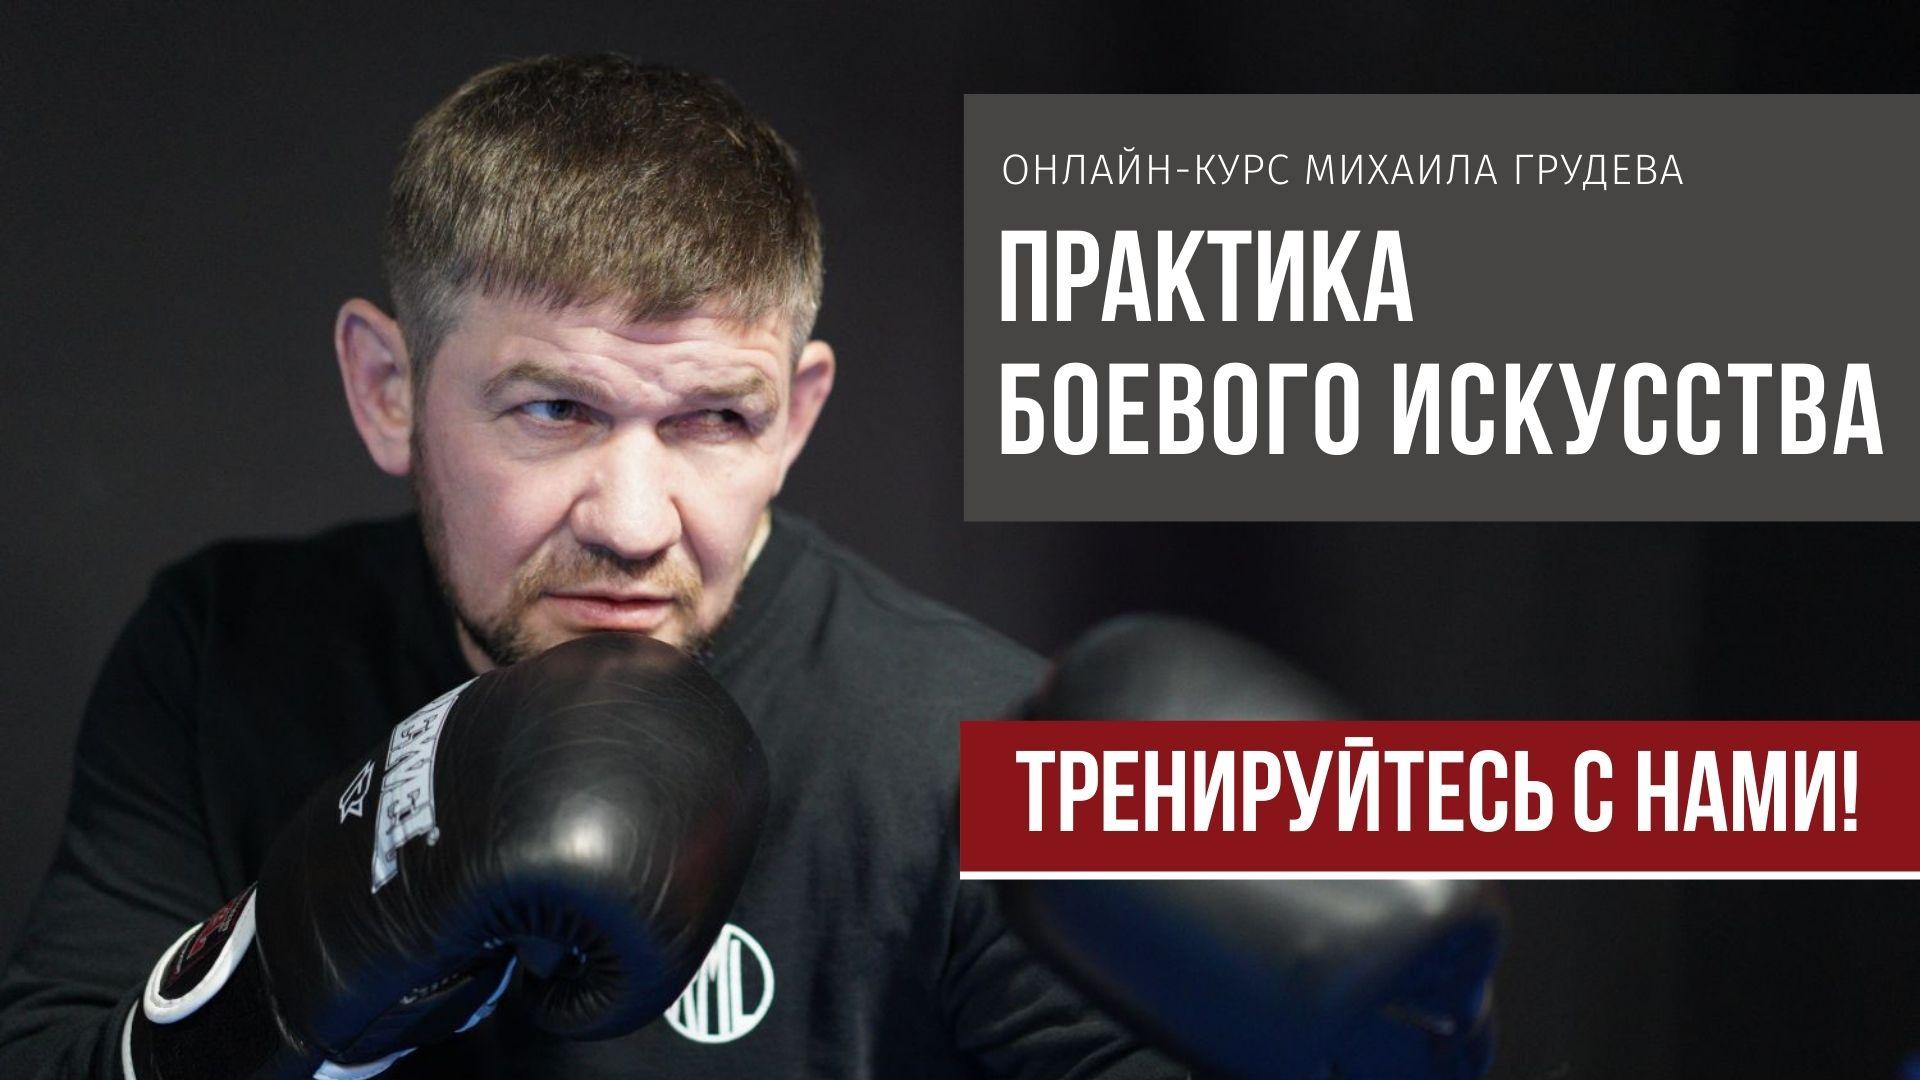 Михаил Грудев. Практика Боевого Искусства